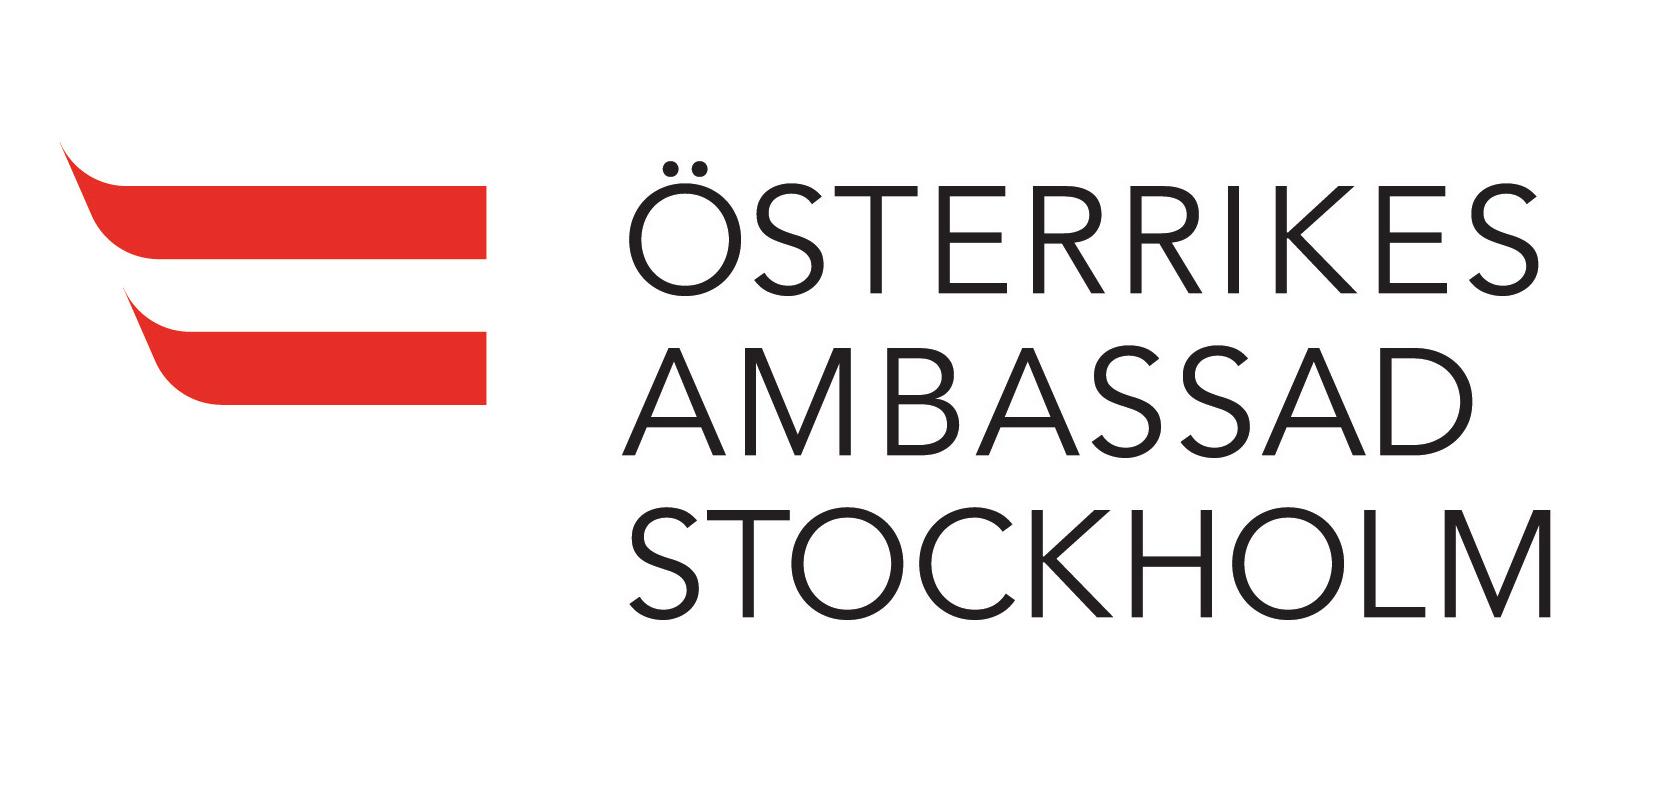 Österrikes Ambassad Stockholm